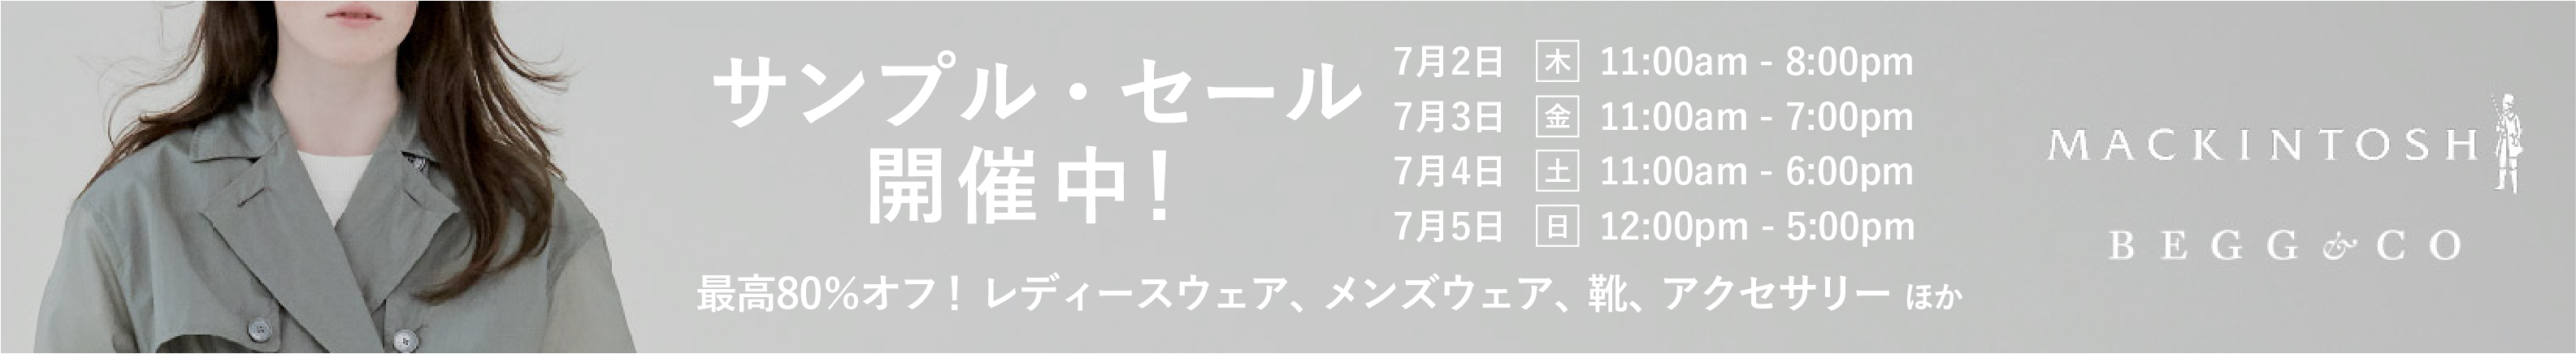 マッキントッシュ サンプル・セール 開催中!